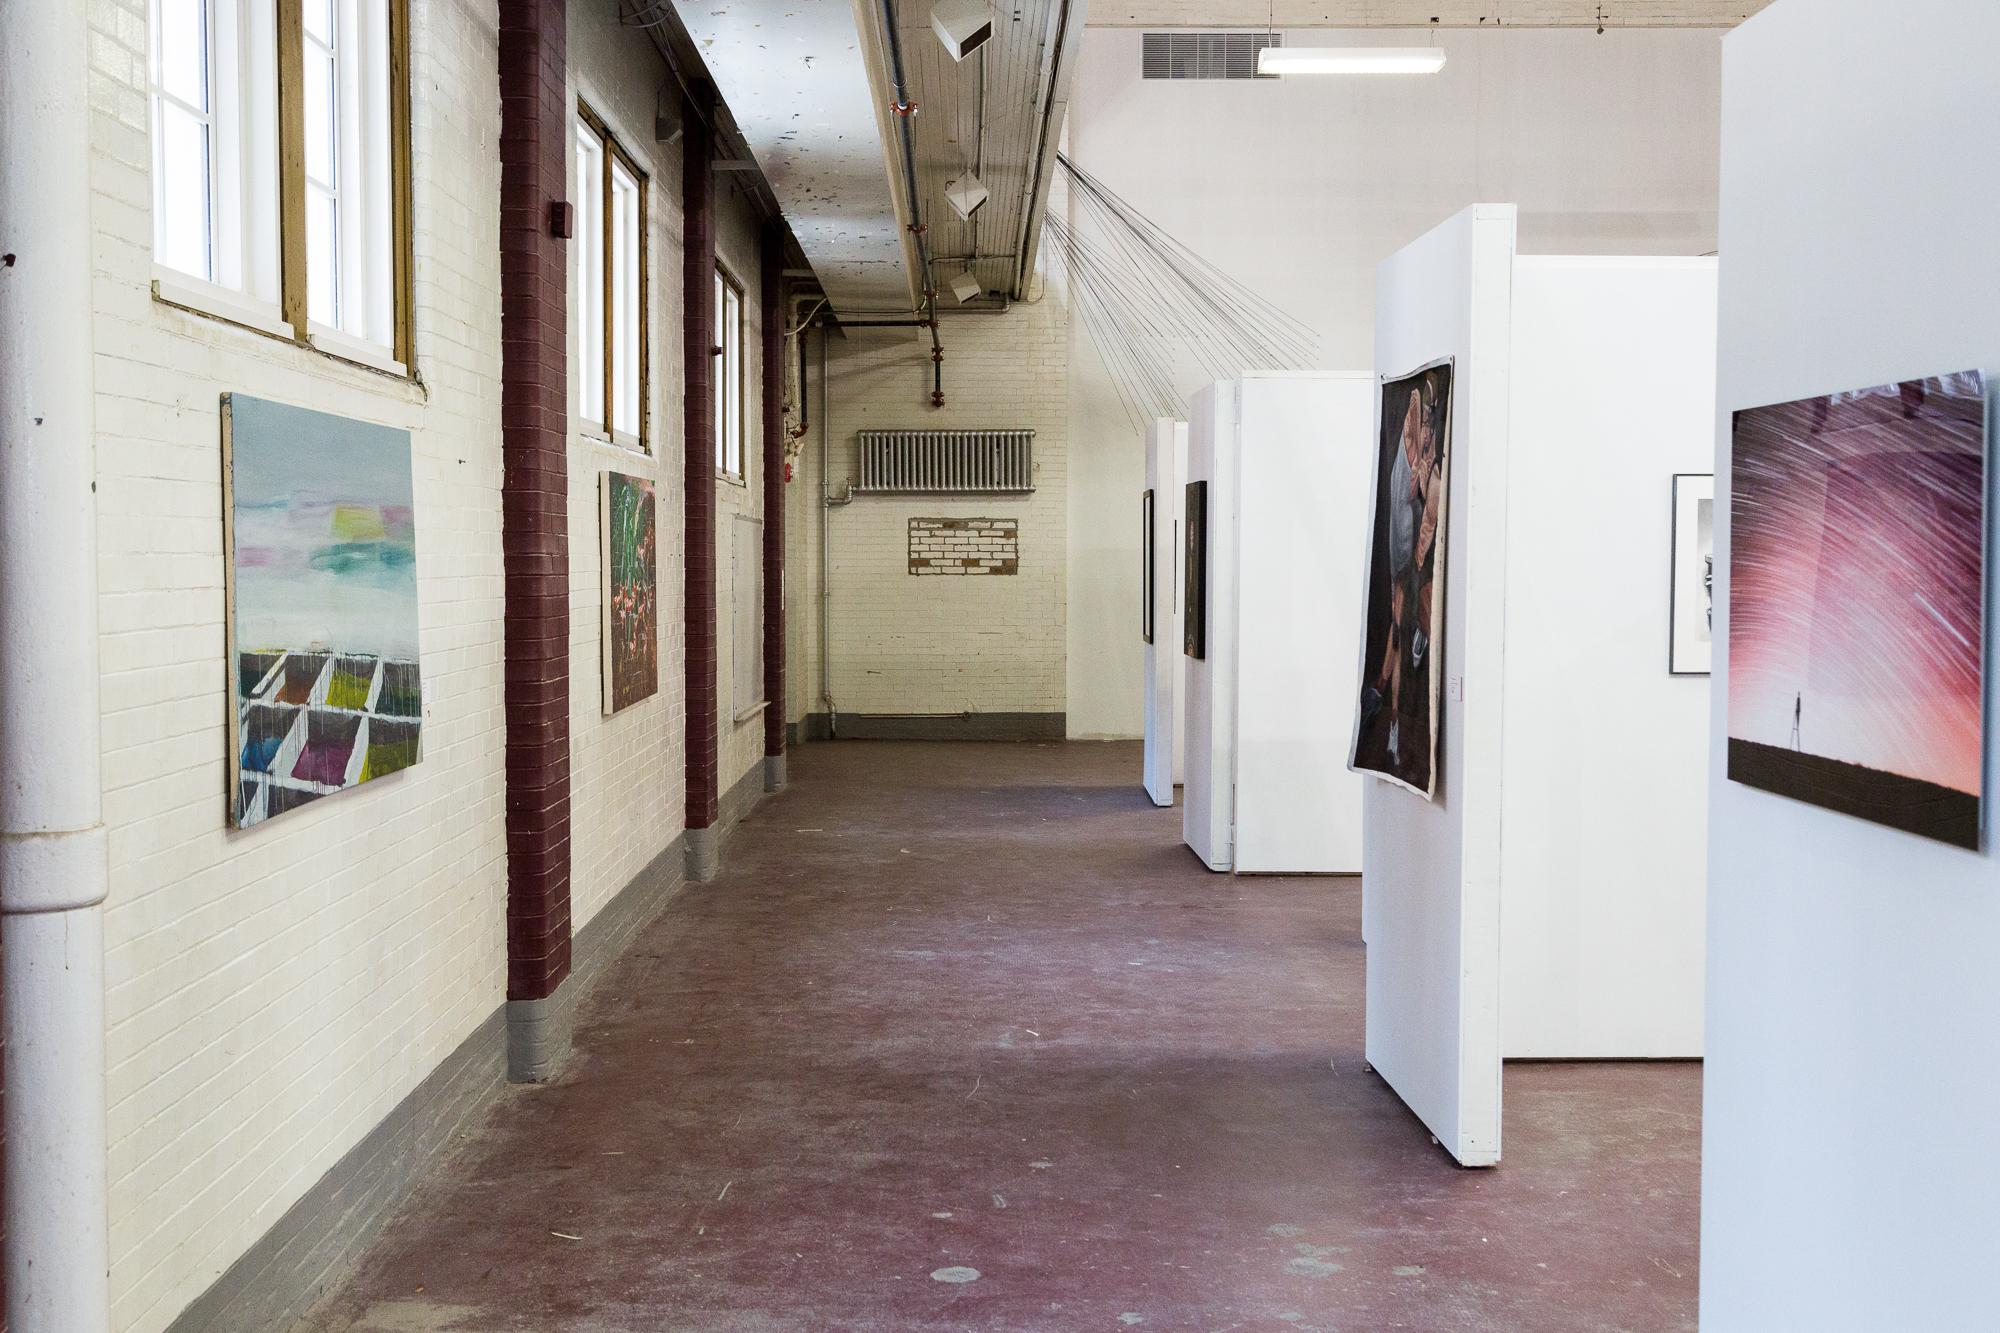 AAP butler gallery-159.jpg